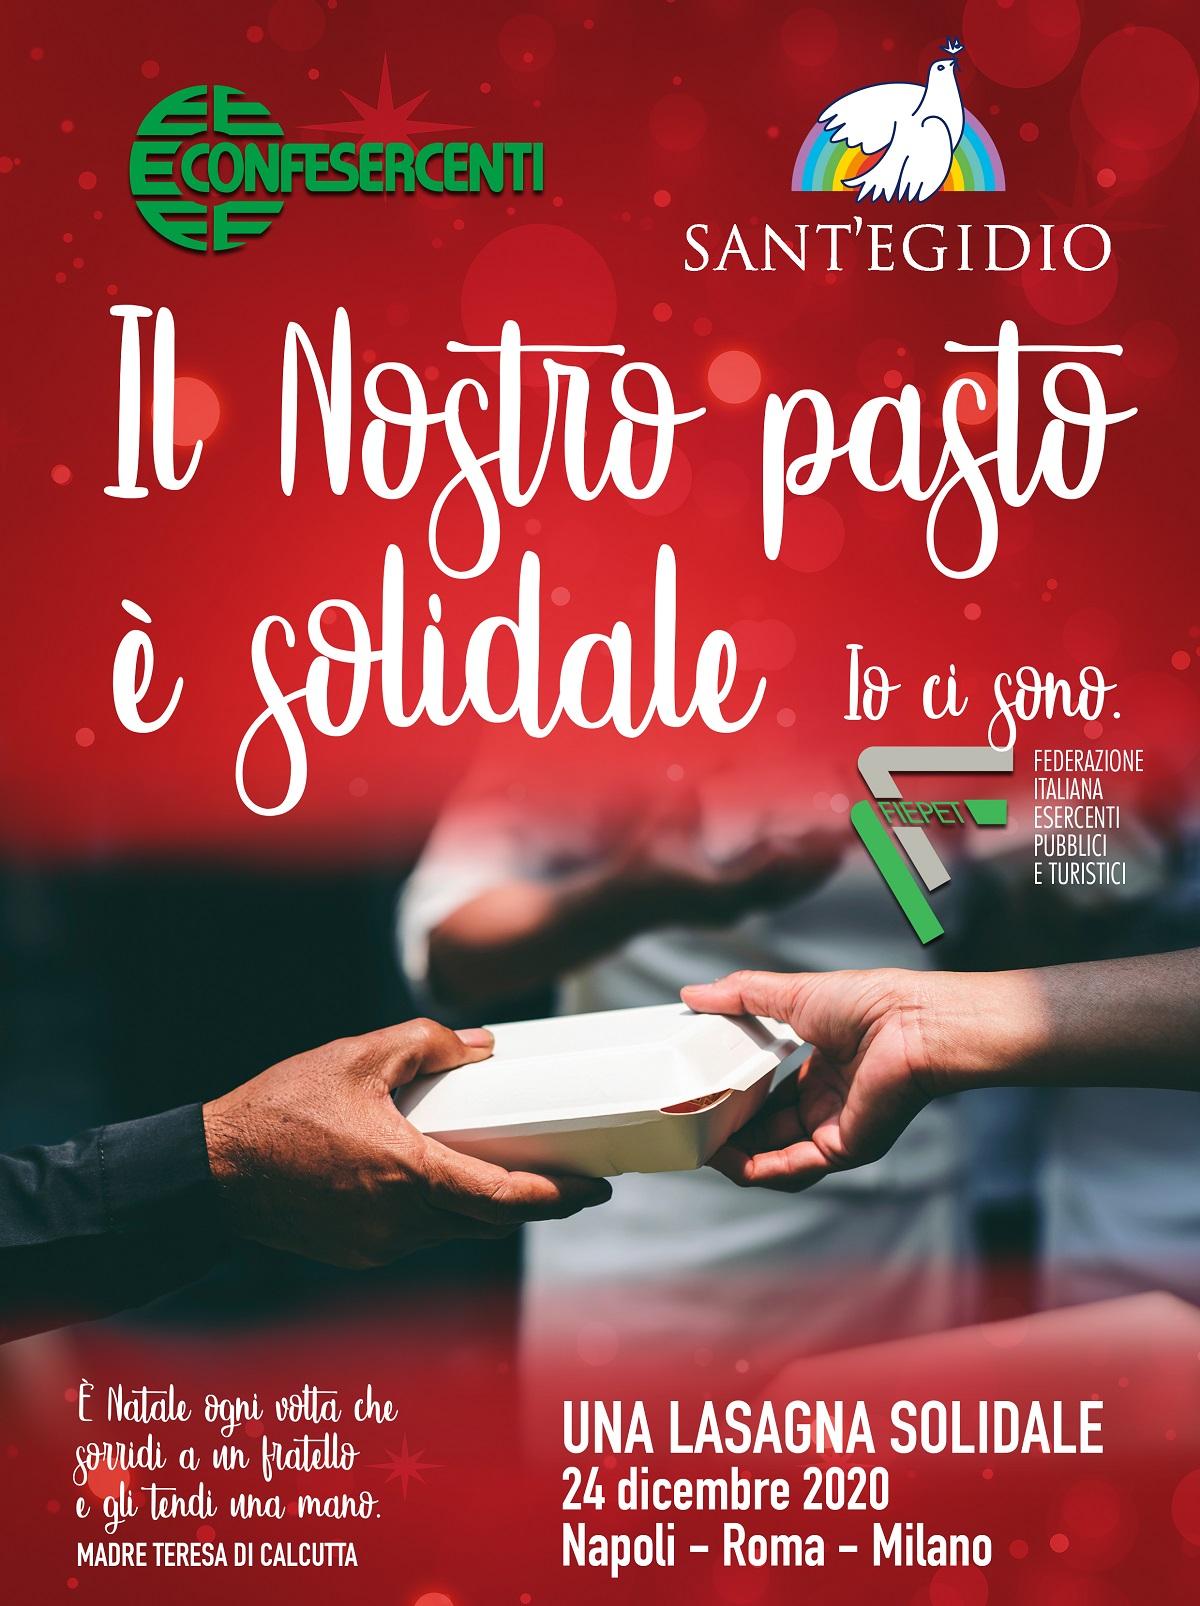 solidarieta:-confesercenti-e-fiepet-donano-6500-pasti-caldi-a-sant'egidio-a-napoli,-roma-e-milano